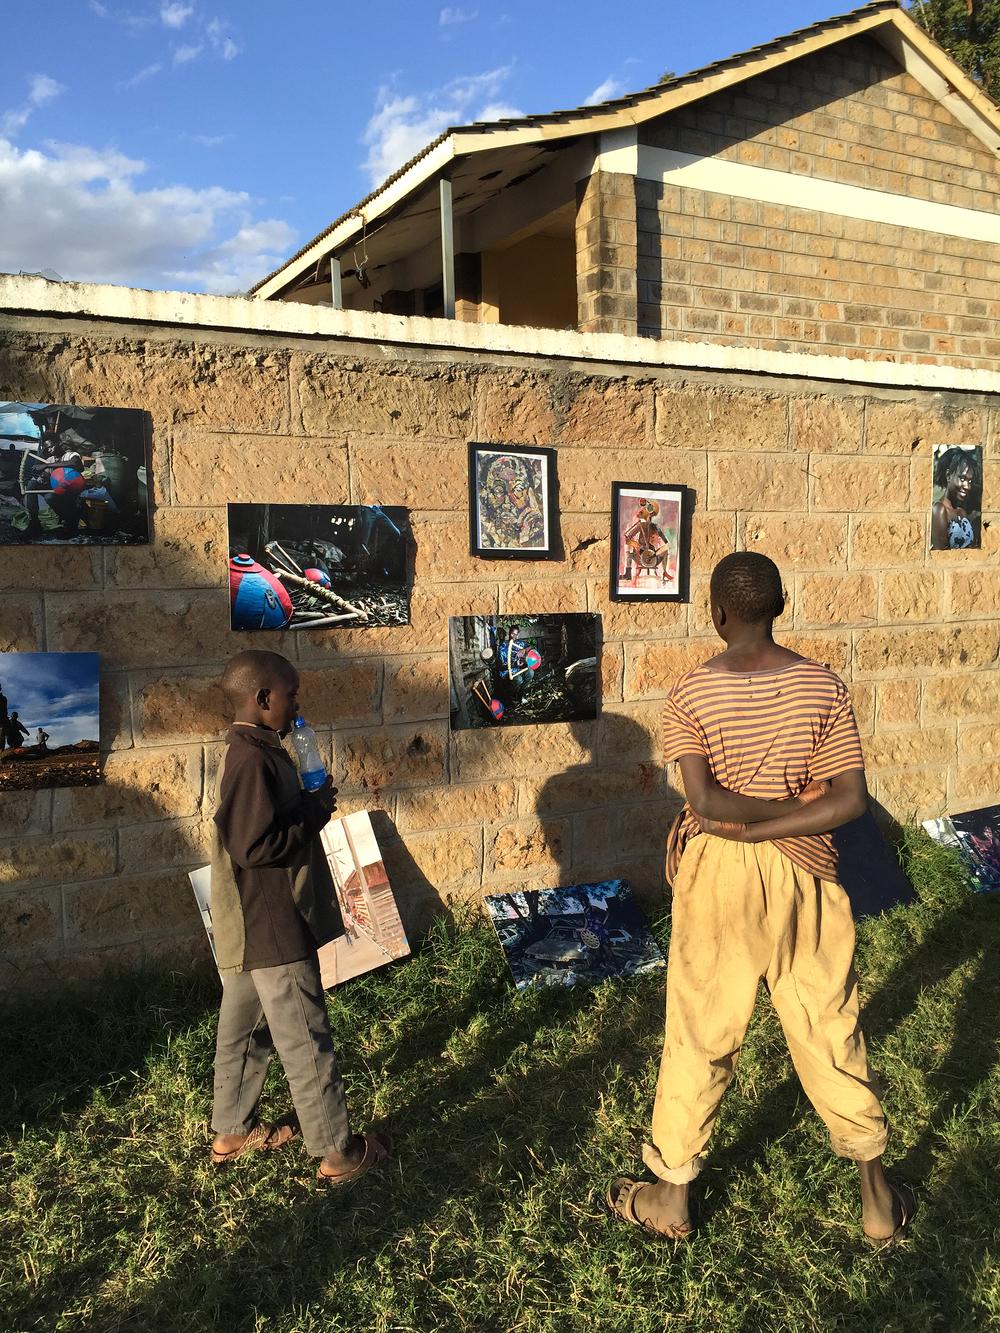 I det mycket tätbebyggda området i Korogocho utgör gatan det huvudsakliga offentliga rummet och används ofta som en förlängning av det privata hemmet. Projektet Talking walls syftar till att engagera barn och unga som medkreatörer i utvecklingen av sin stadsdel.